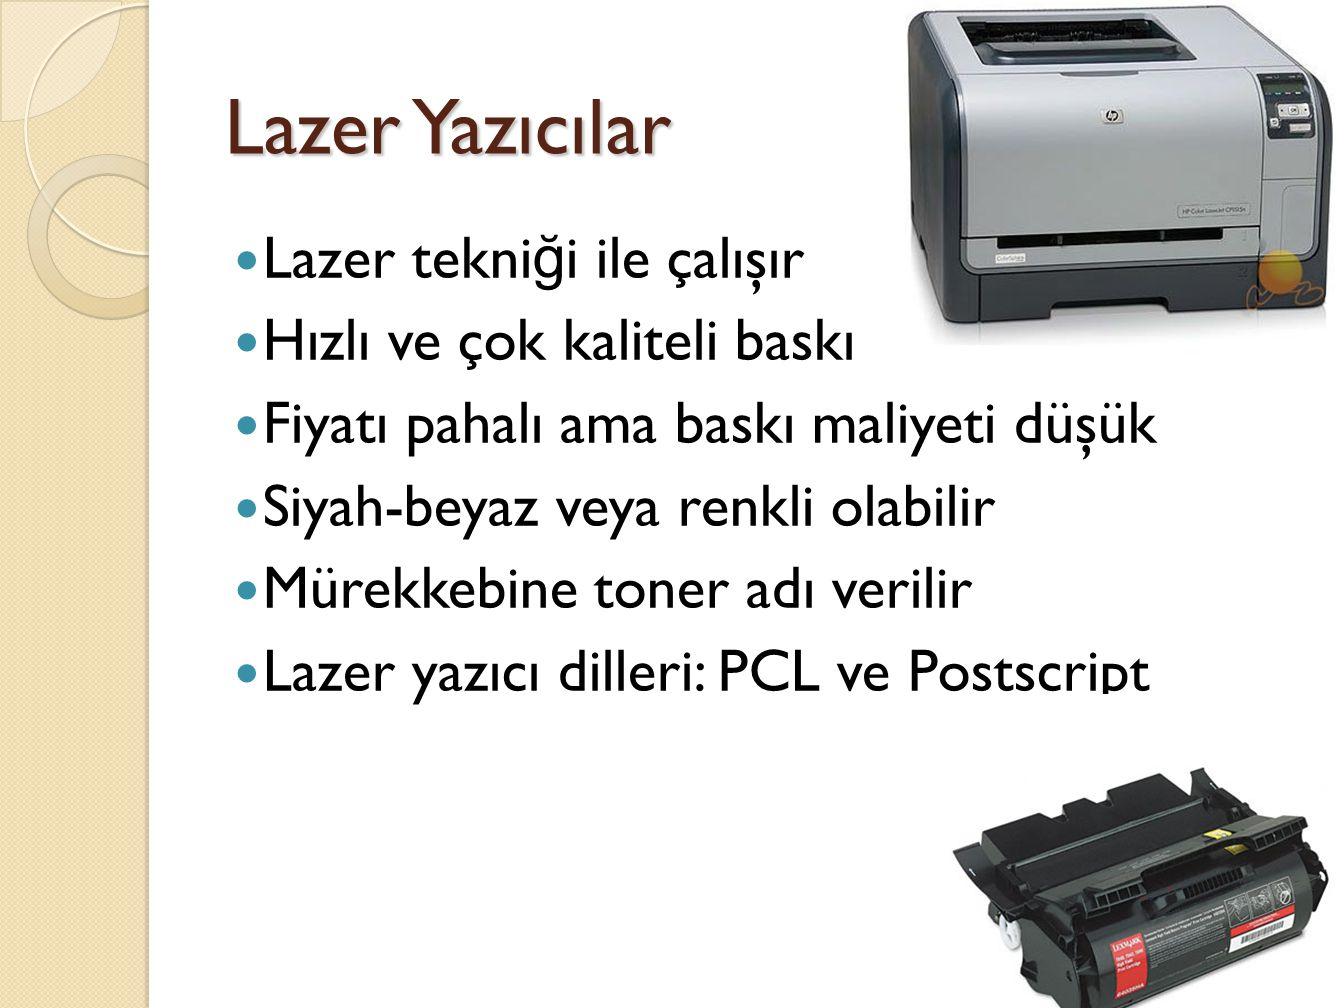 Lazer Yazıcılar Lazer tekni ğ i ile çalışır Hızlı ve çok kaliteli baskı Fiyatı pahalı ama baskı maliyeti düşük Siyah-beyaz veya renkli olabilir Mürekkebine toner adı verilir Lazer yazıcı dilleri: PCL ve Postscript